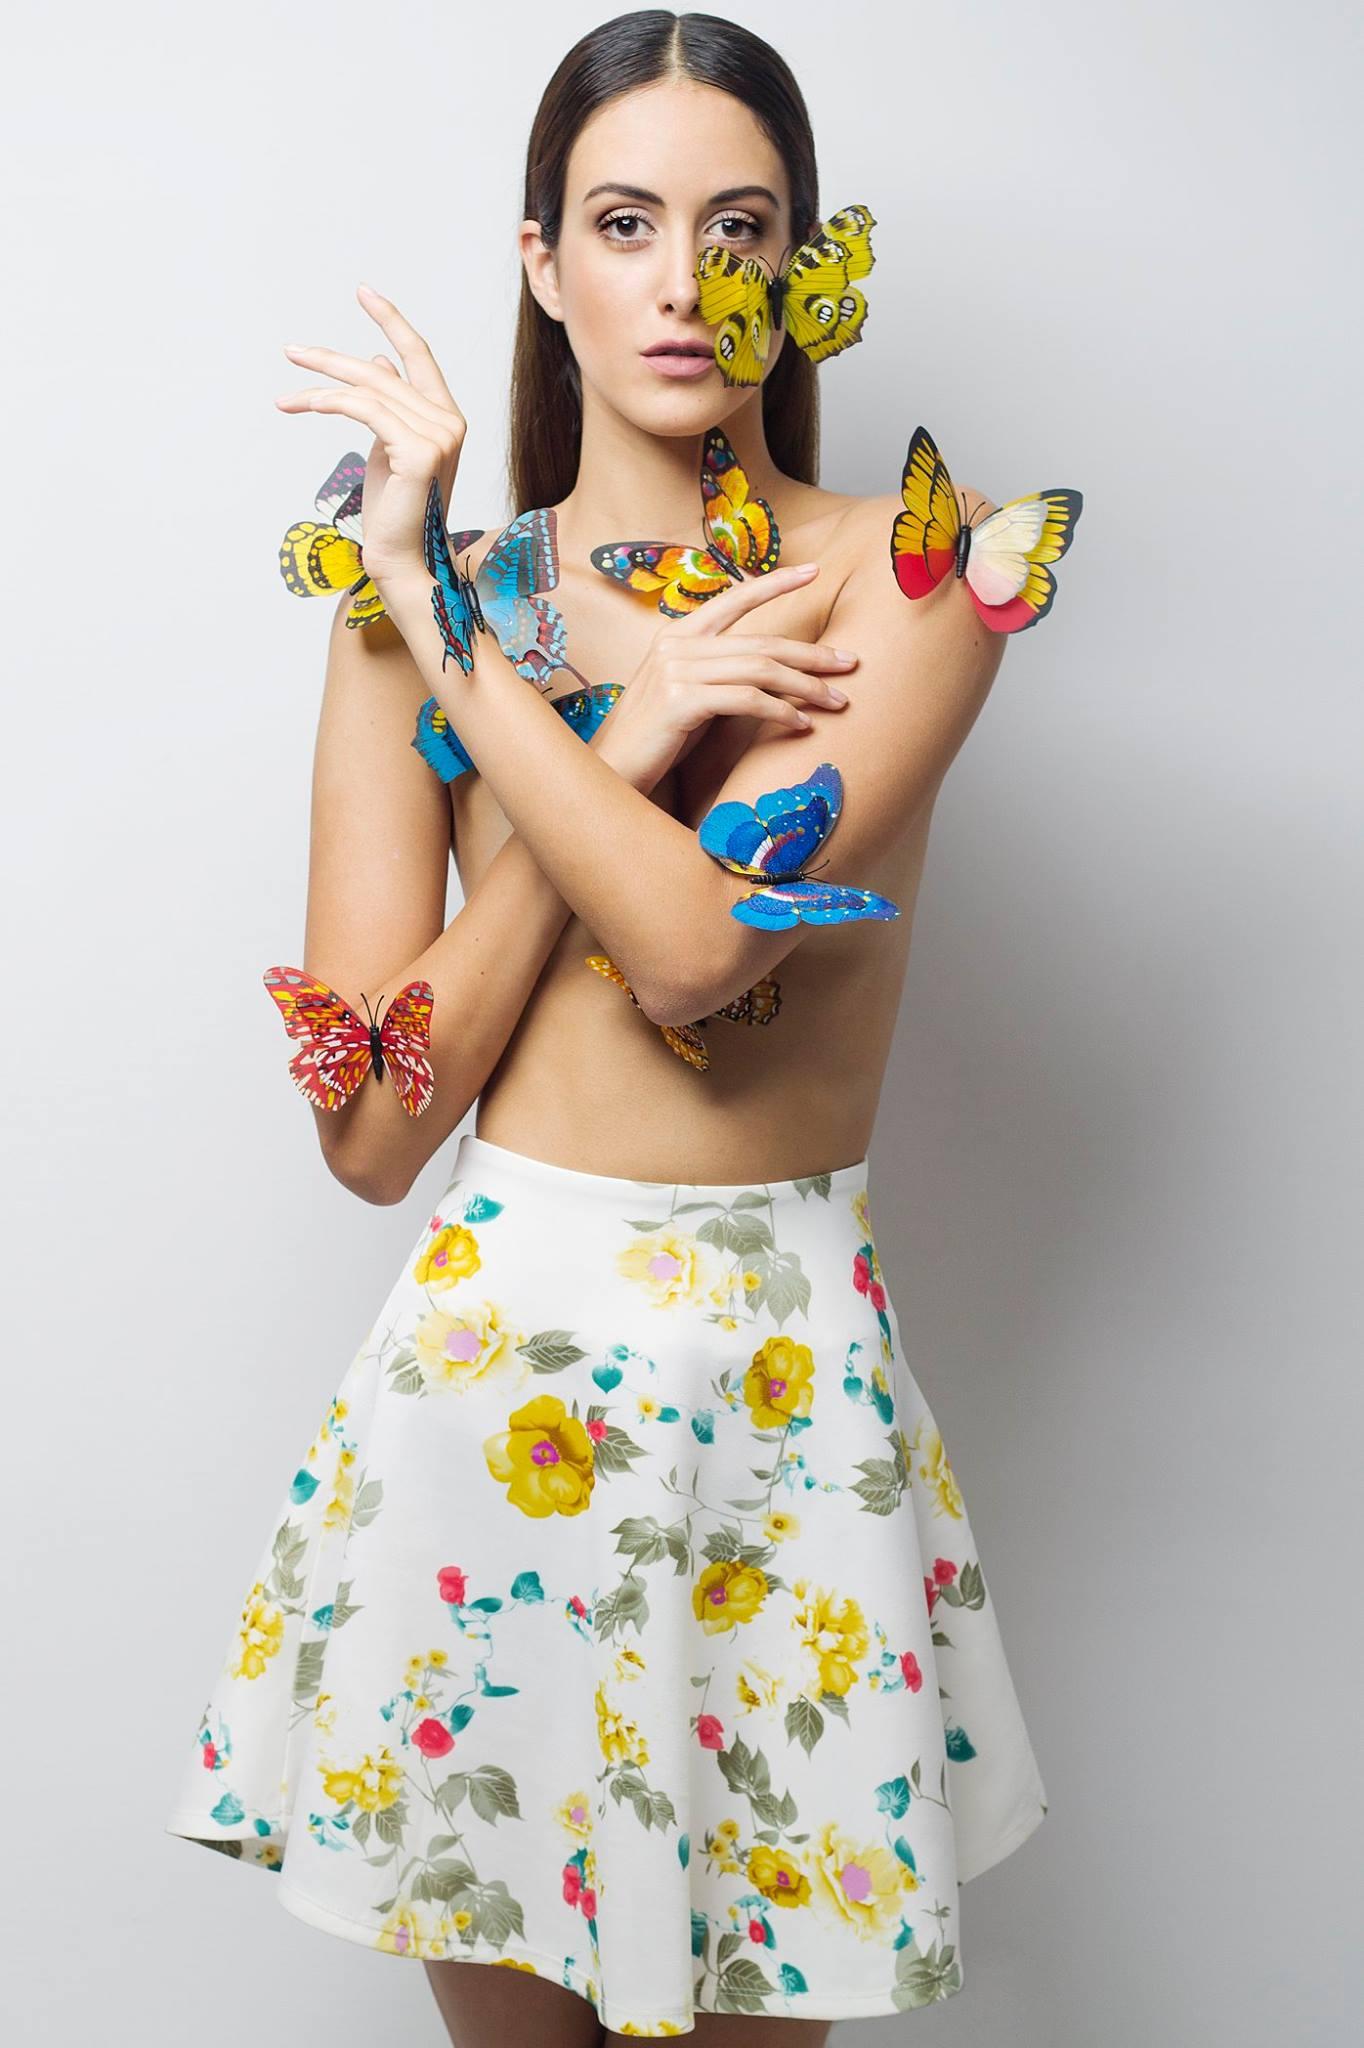 solange hermoza, finalista de miss teenager 2014, miss la liberta peru 2020. 27023910